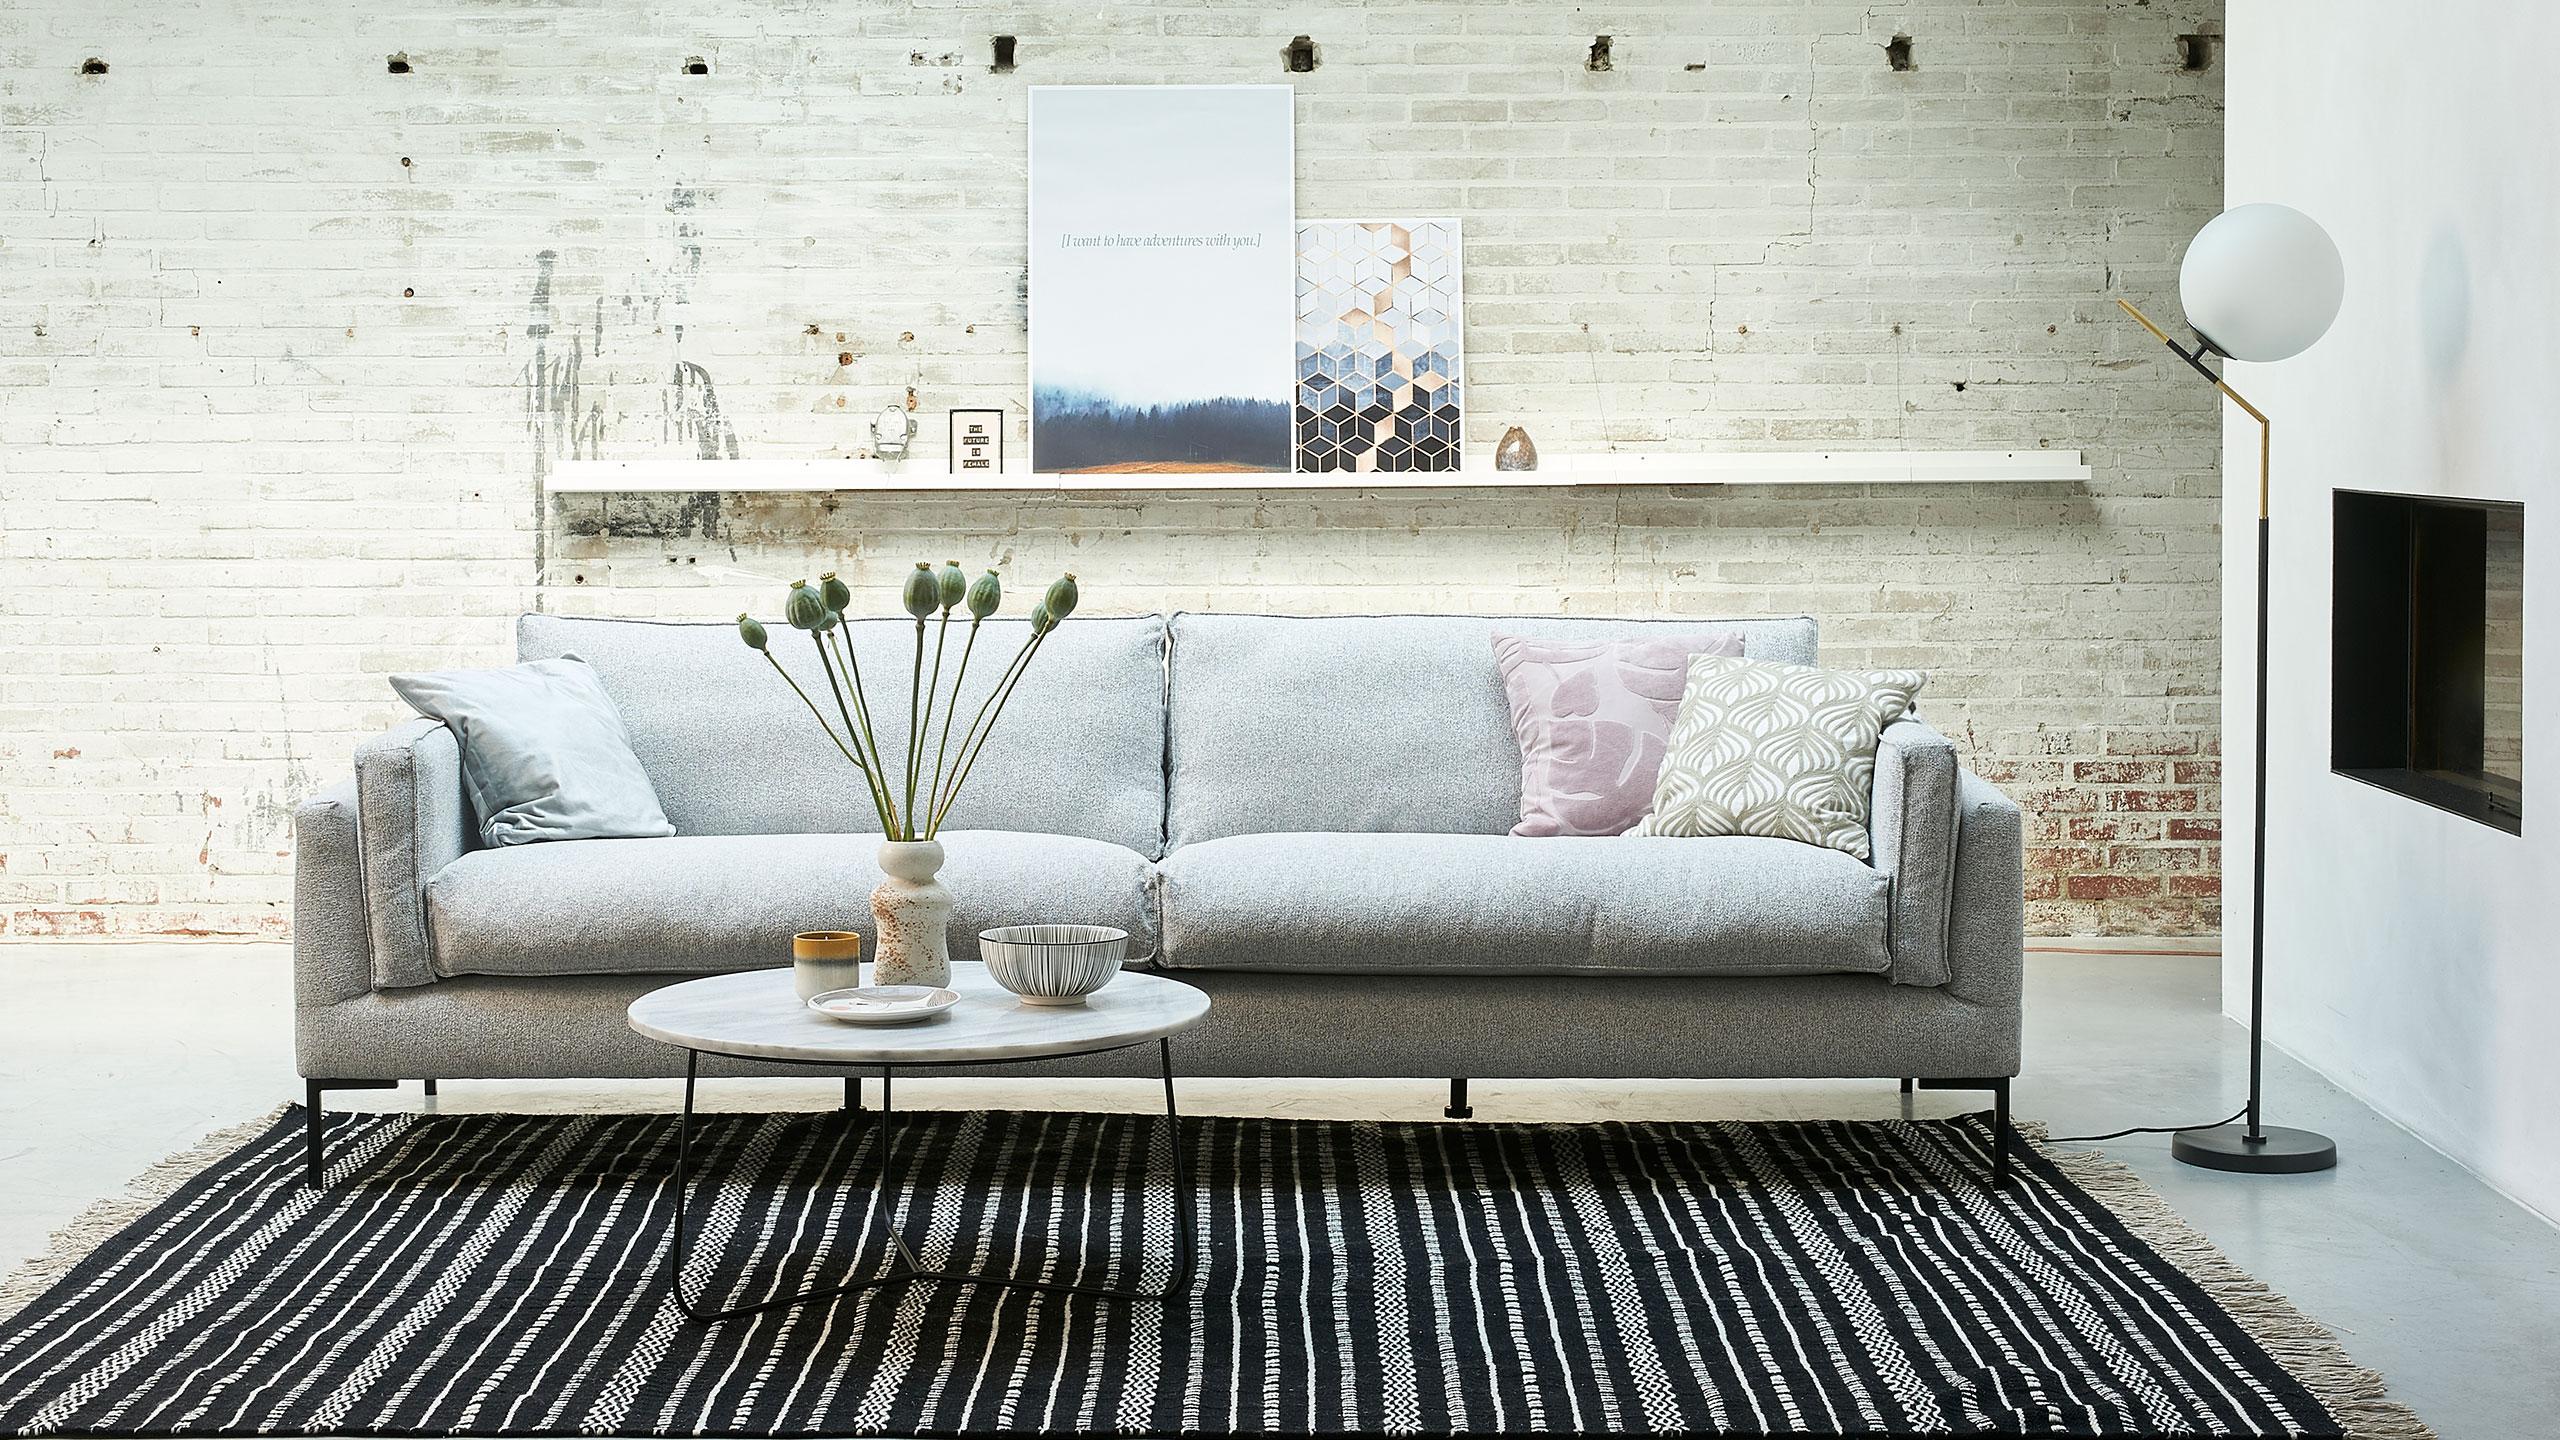 Full Size of Sofa Grau Stoff Ikea Kaufen 3er Big Couch Reinigen Grober Chesterfield Gebraucht Meliert 2er Weiß Günstig Beziehen Schlaffunktion Englisches Rolf Benz Mit Sofa Sofa Grau Stoff